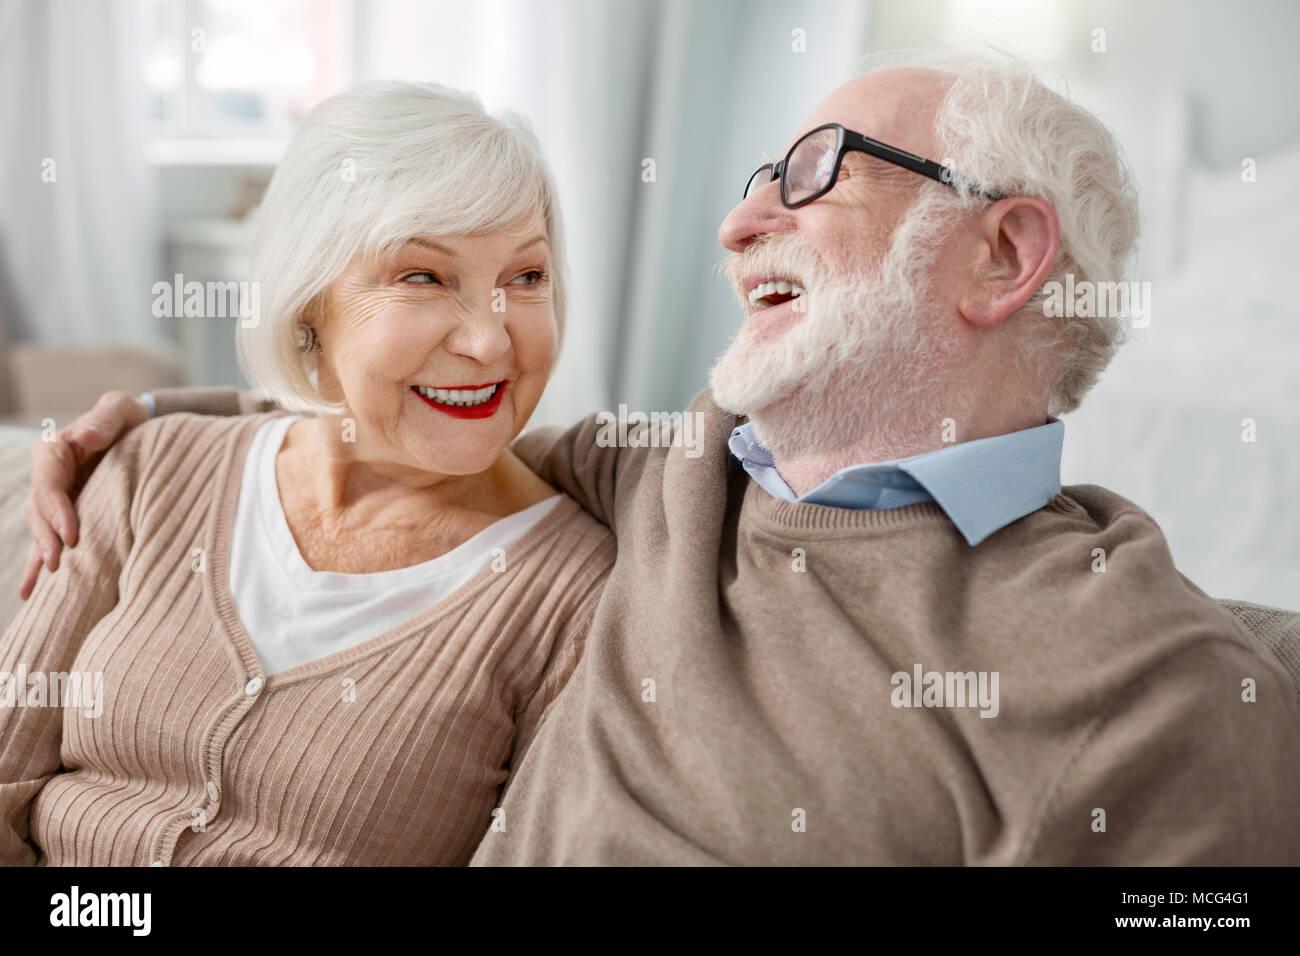 Allegro uomo anziano abbracciando la moglie Immagini Stock